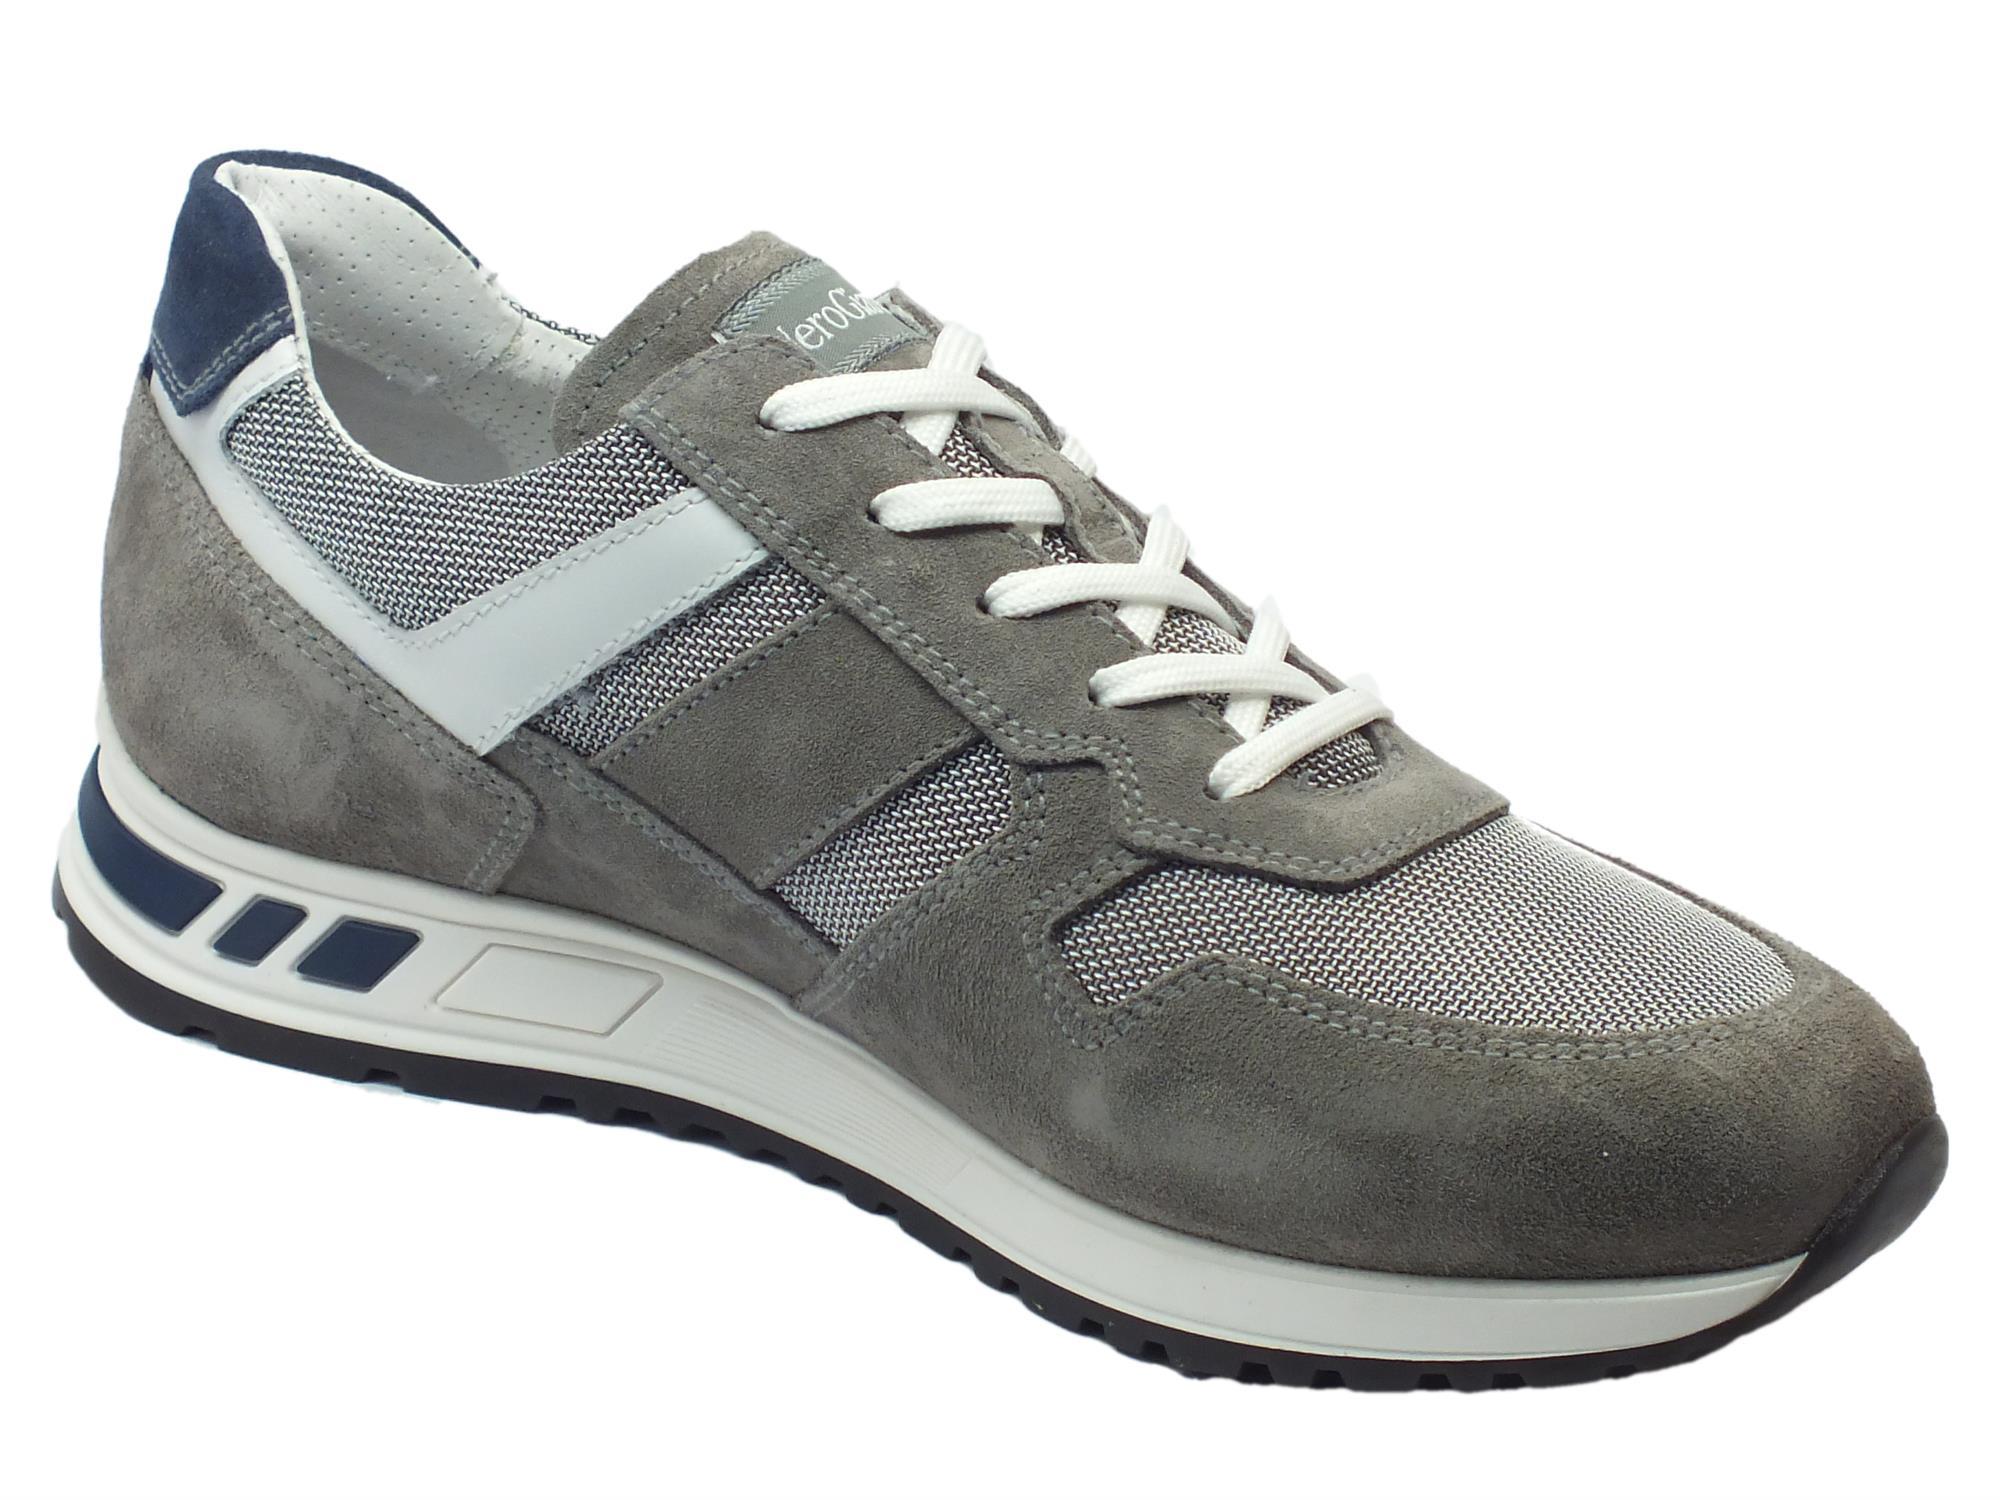 ... Scarpe sportive NeroGiardini per uomo in camoscio grigio e tessuto  grigio ... 91f2e197d87